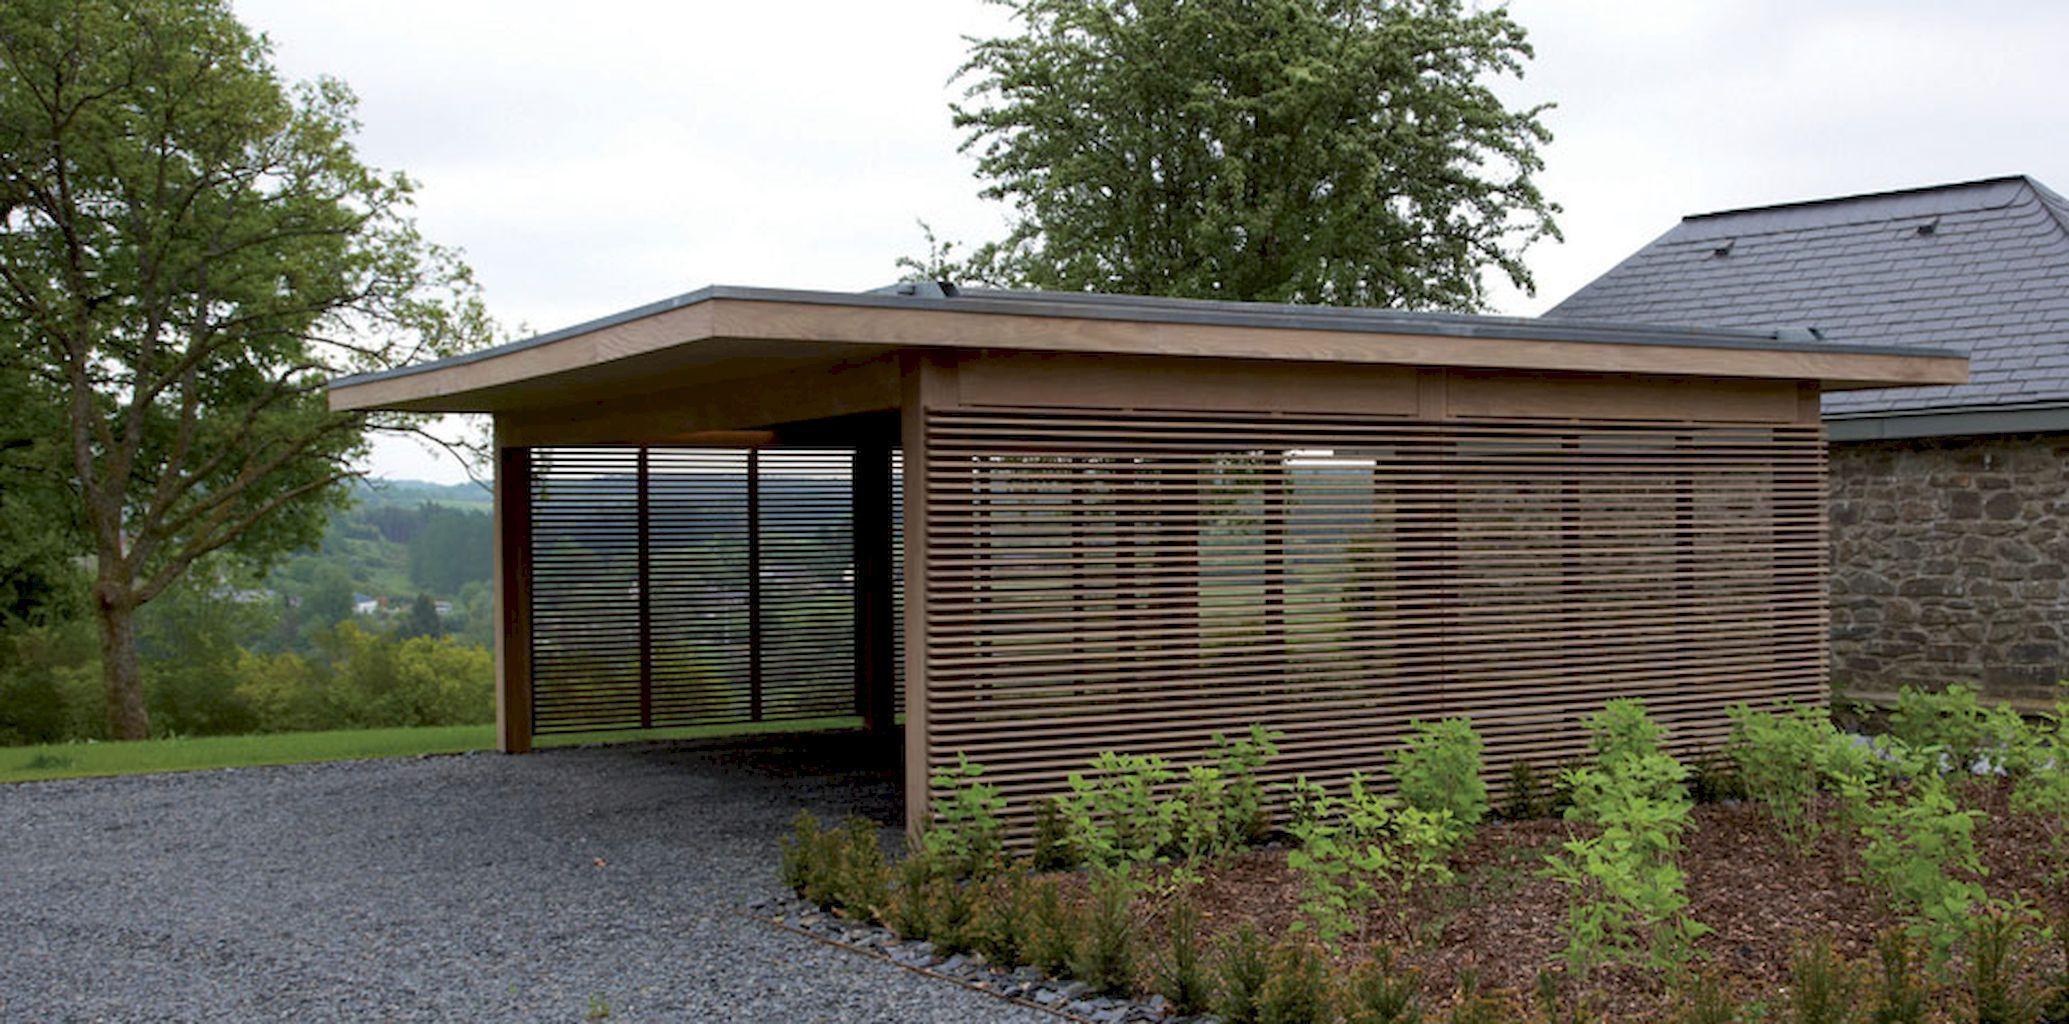 Assez Adorable modern carports garage designs ideas (4 | Modern carport  MH02